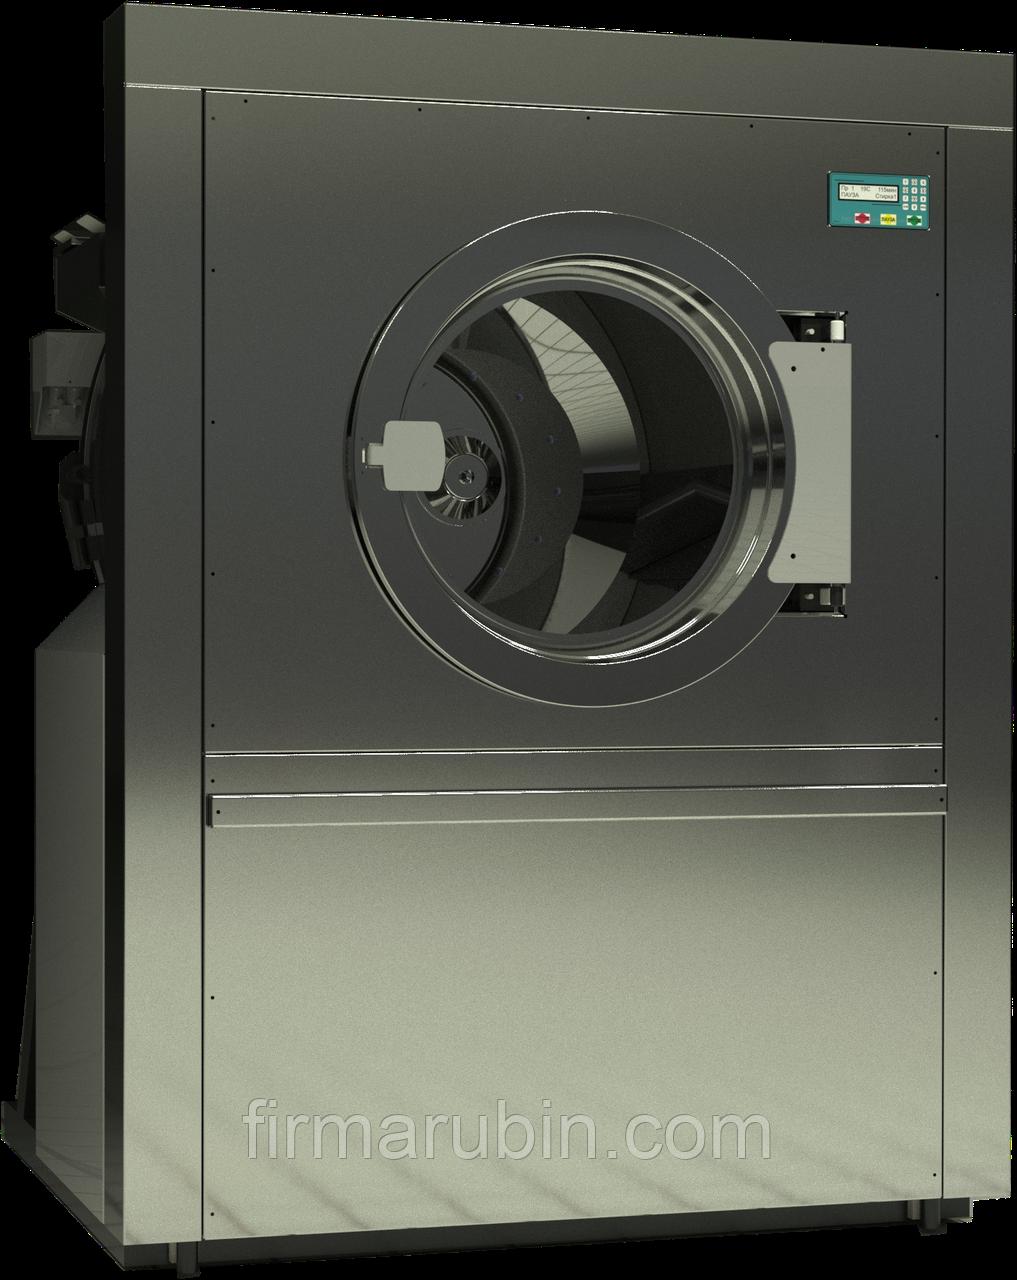 Промышленная стиральная машина СО504 RUBIN, загрузка до 55 кг